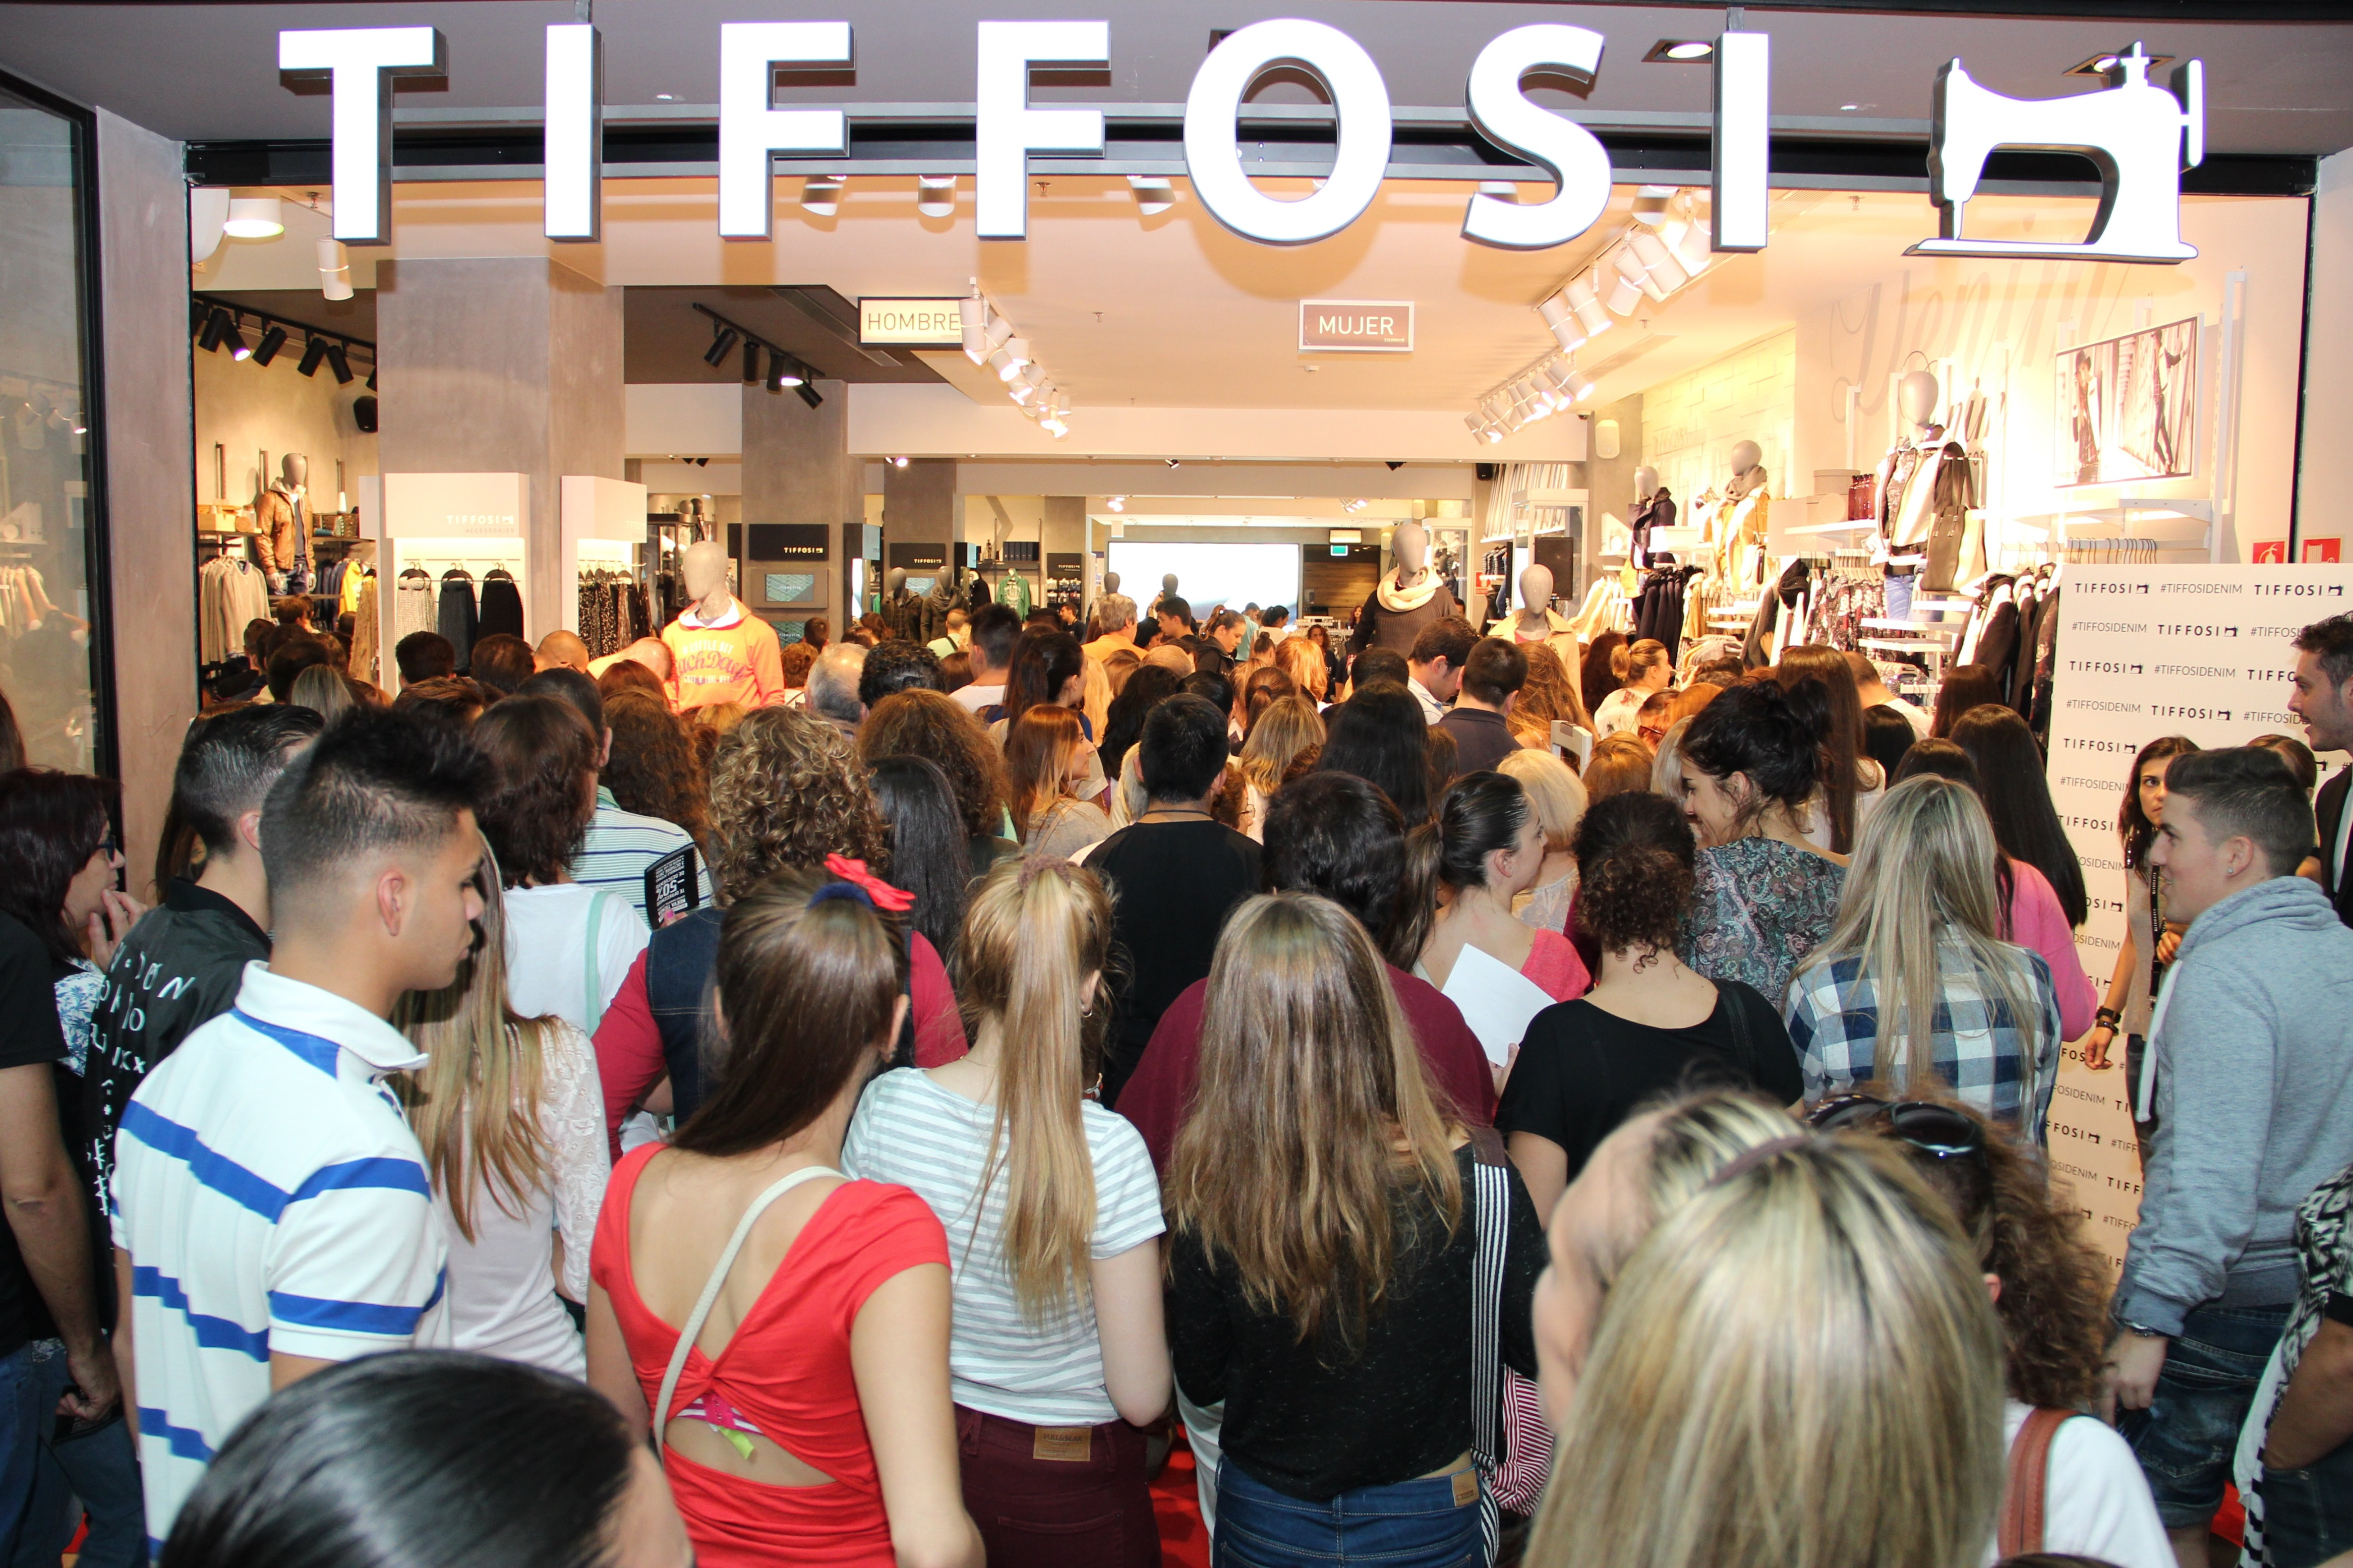 Tiffosi_Nova loja Madrid_La Gavia